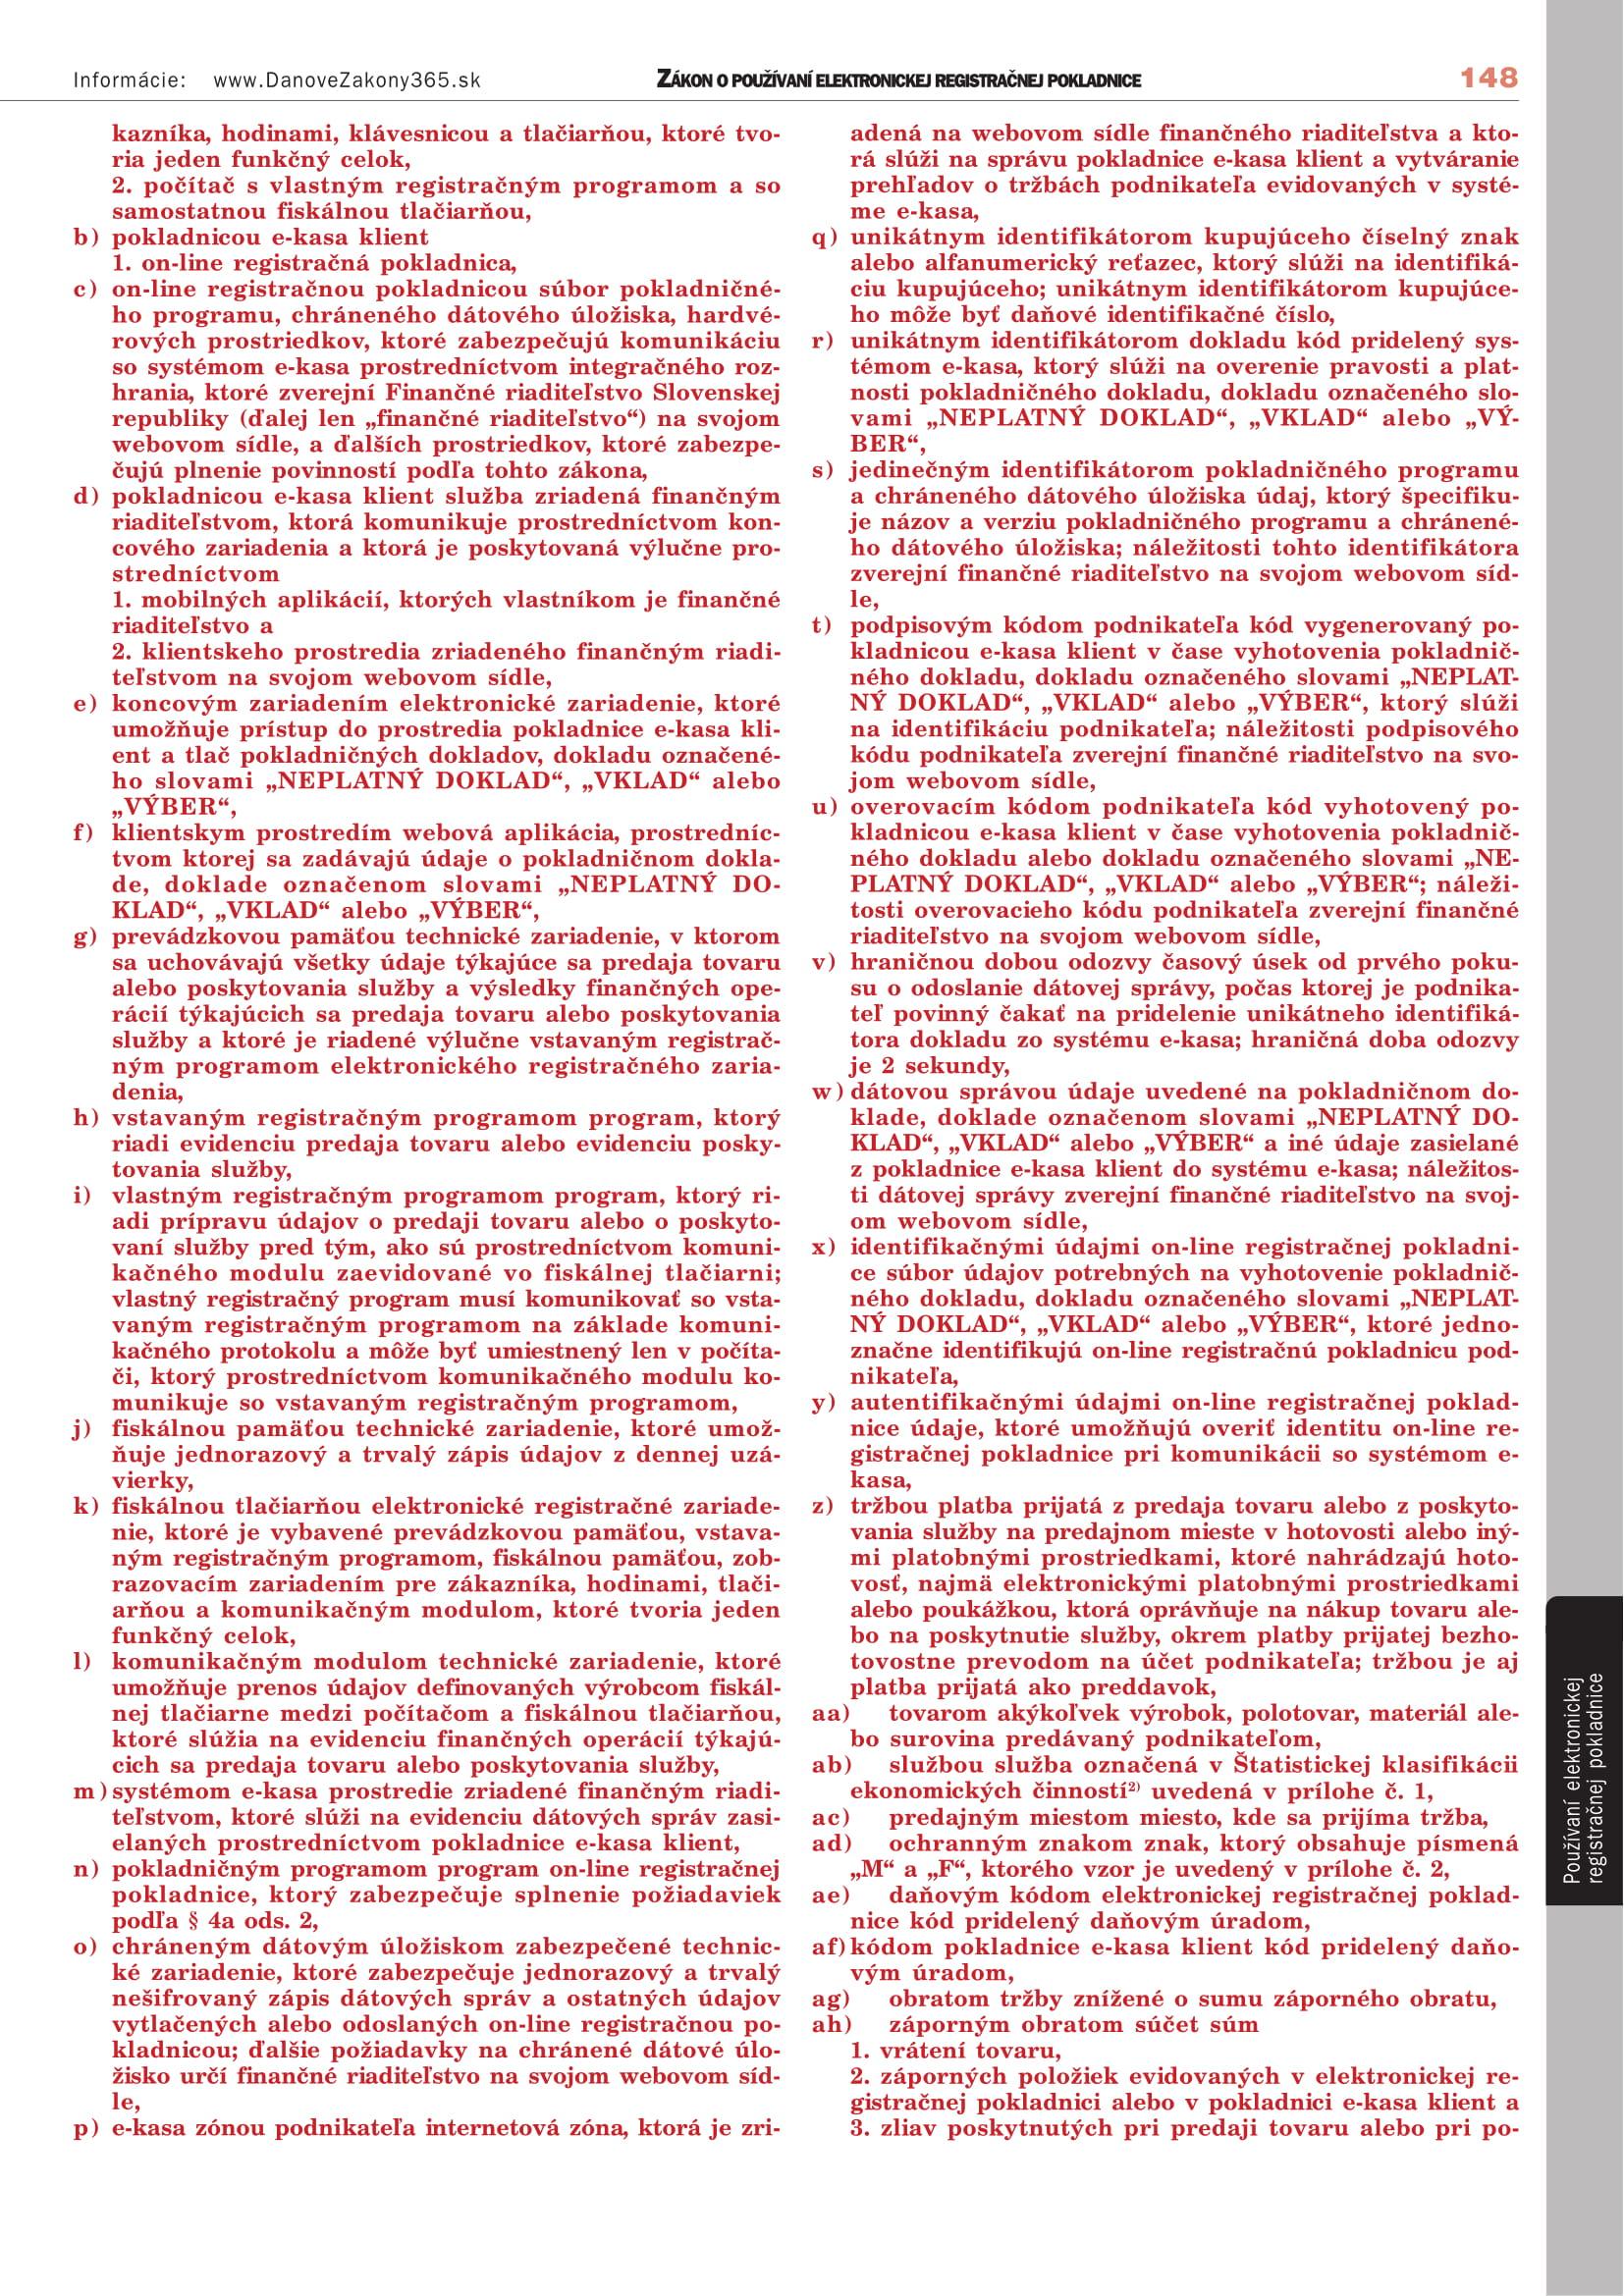 alto_zakon_o_registracnych_pokladniach_2019_po_jednej_stranane-03